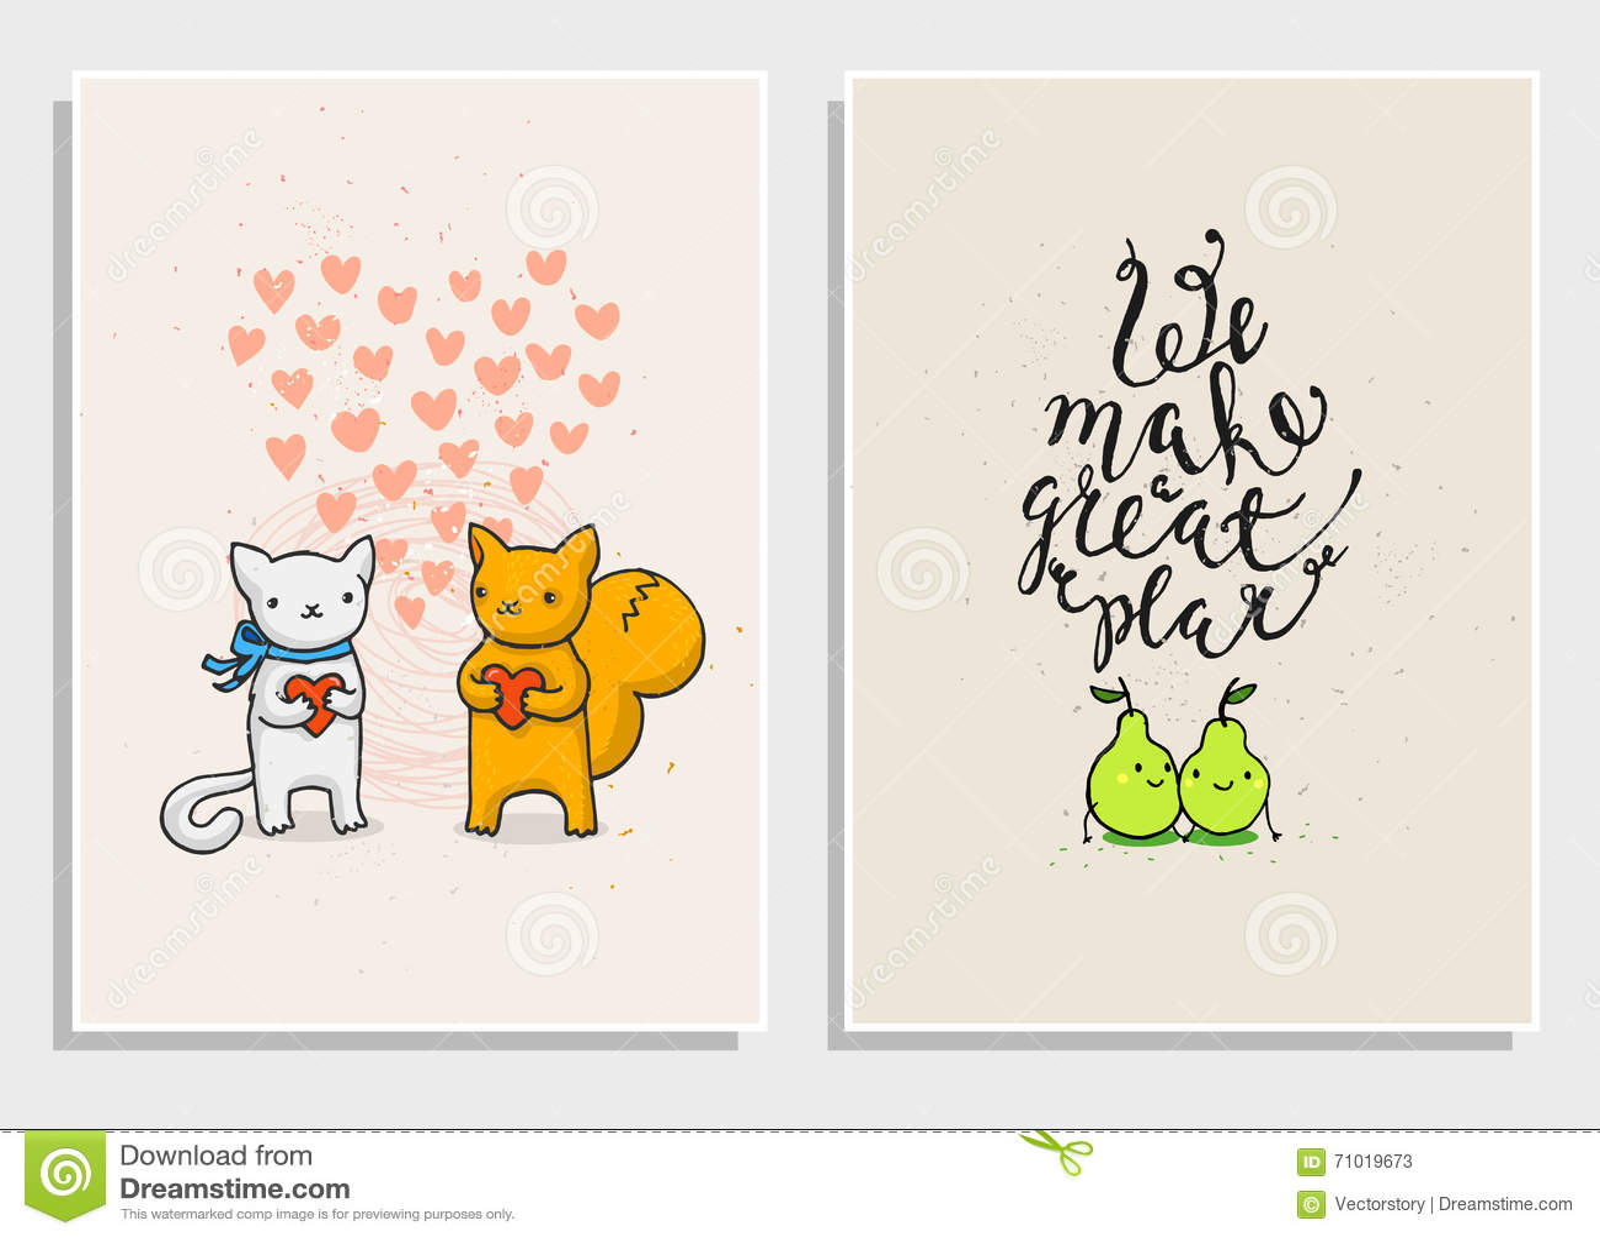 Cartazes Com Frases Engraçadas Sobre O Amor Ilustração Do Vetor